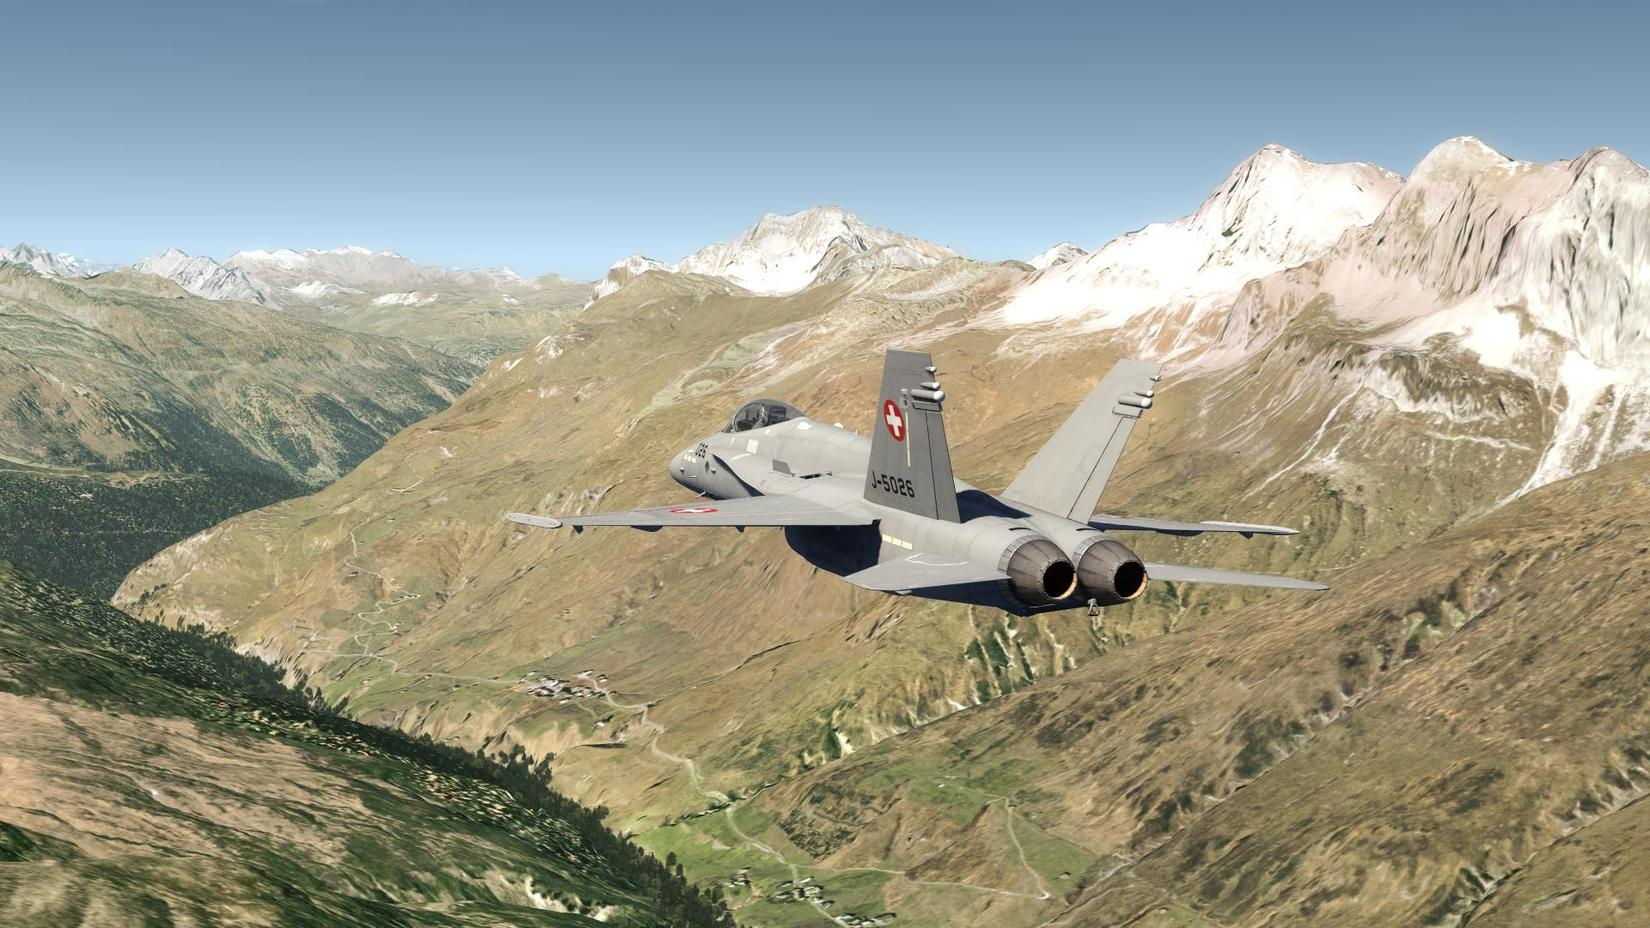 full-585-40544-aerofly_fs_2012_08_24_13_